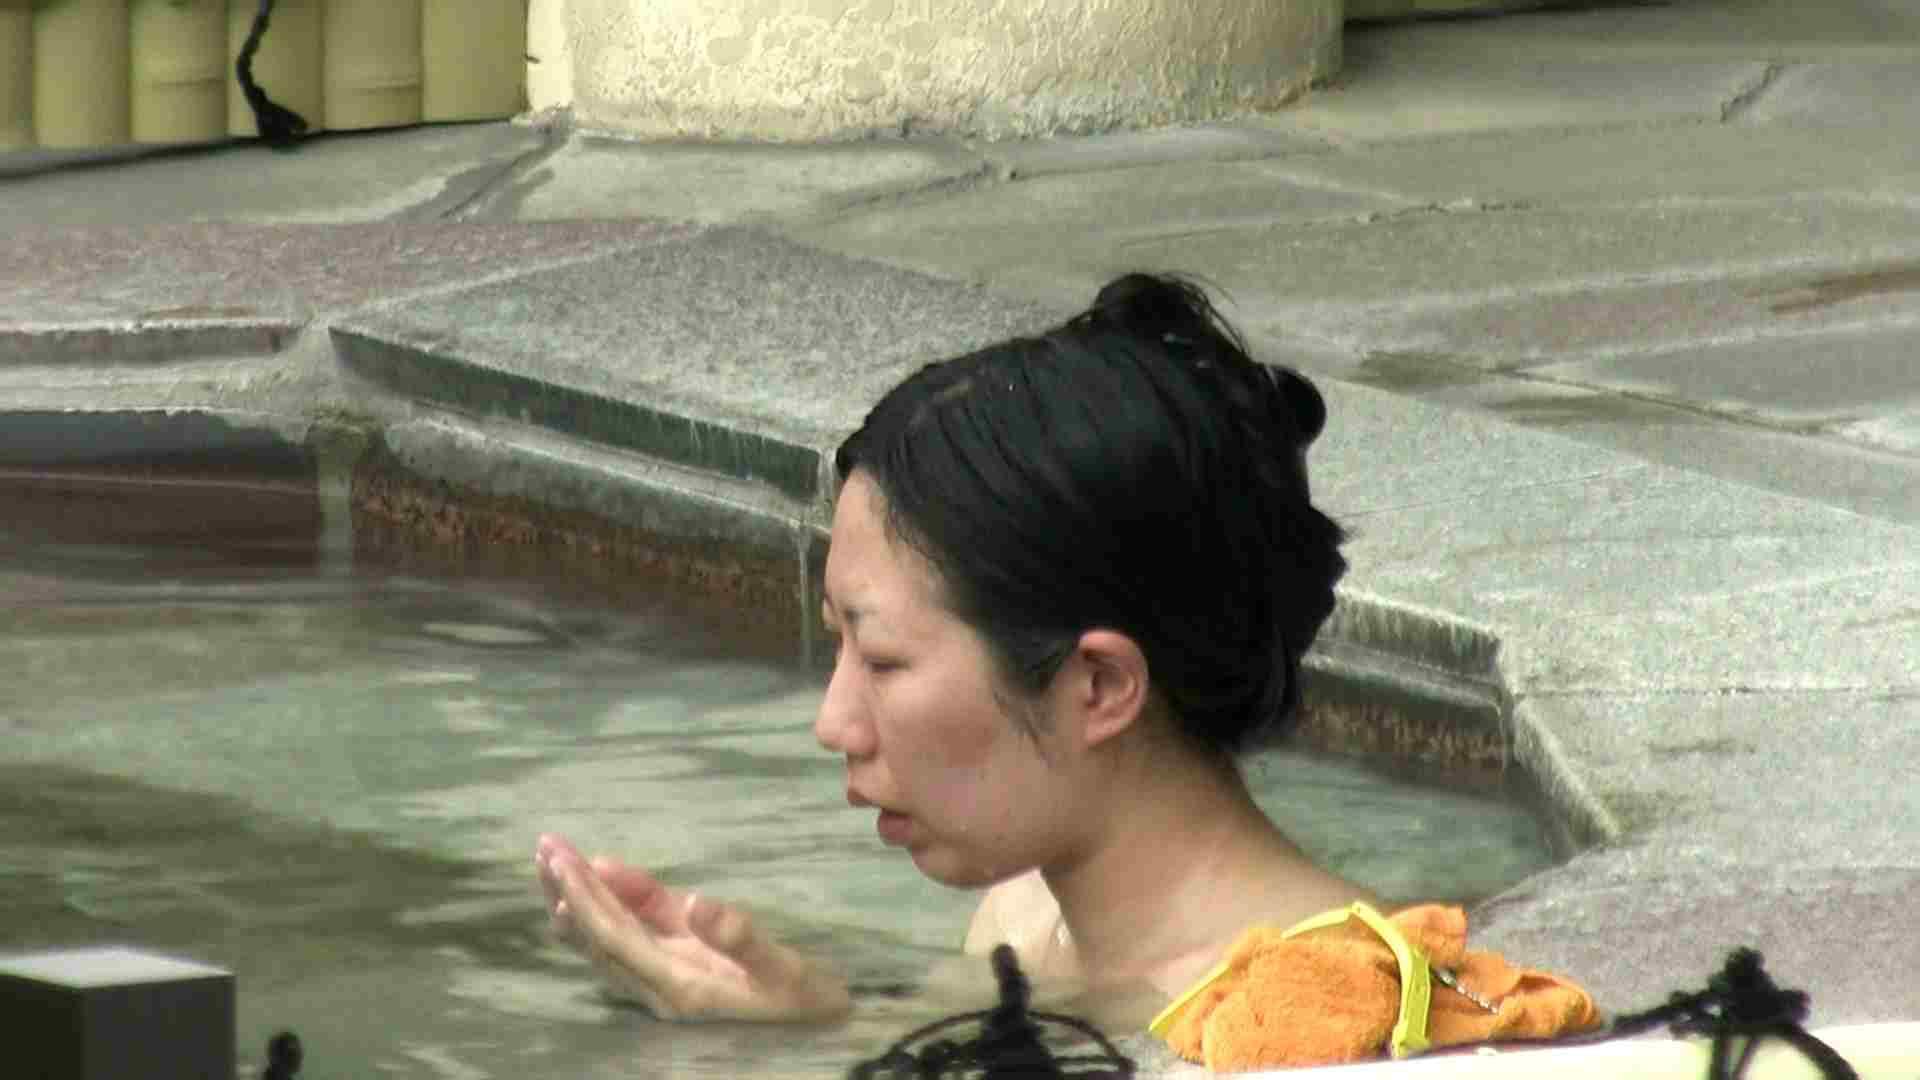 Aquaな露天風呂Vol.662 露天   OLすけべ画像  19連発 1